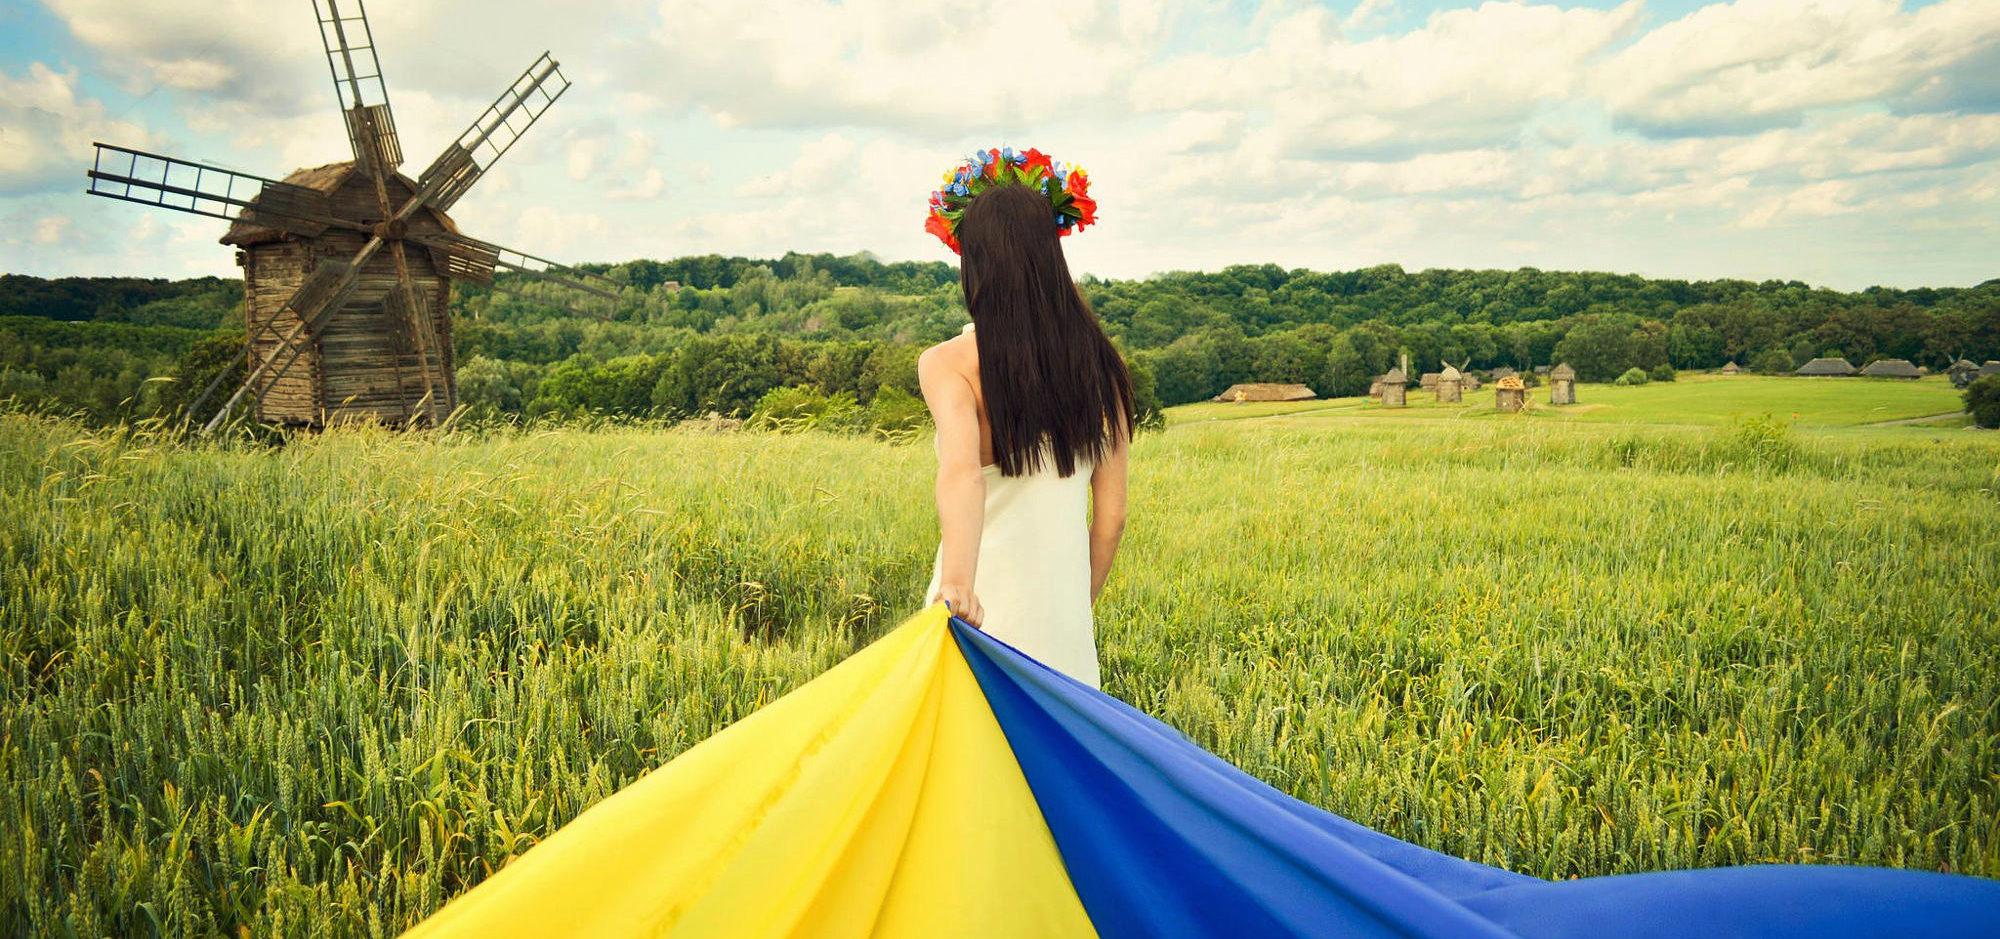 На вихідних на Київщині буде багато сонця і літнього тепла - прогноз погоди, погода - 24 pogoda4 2000x939